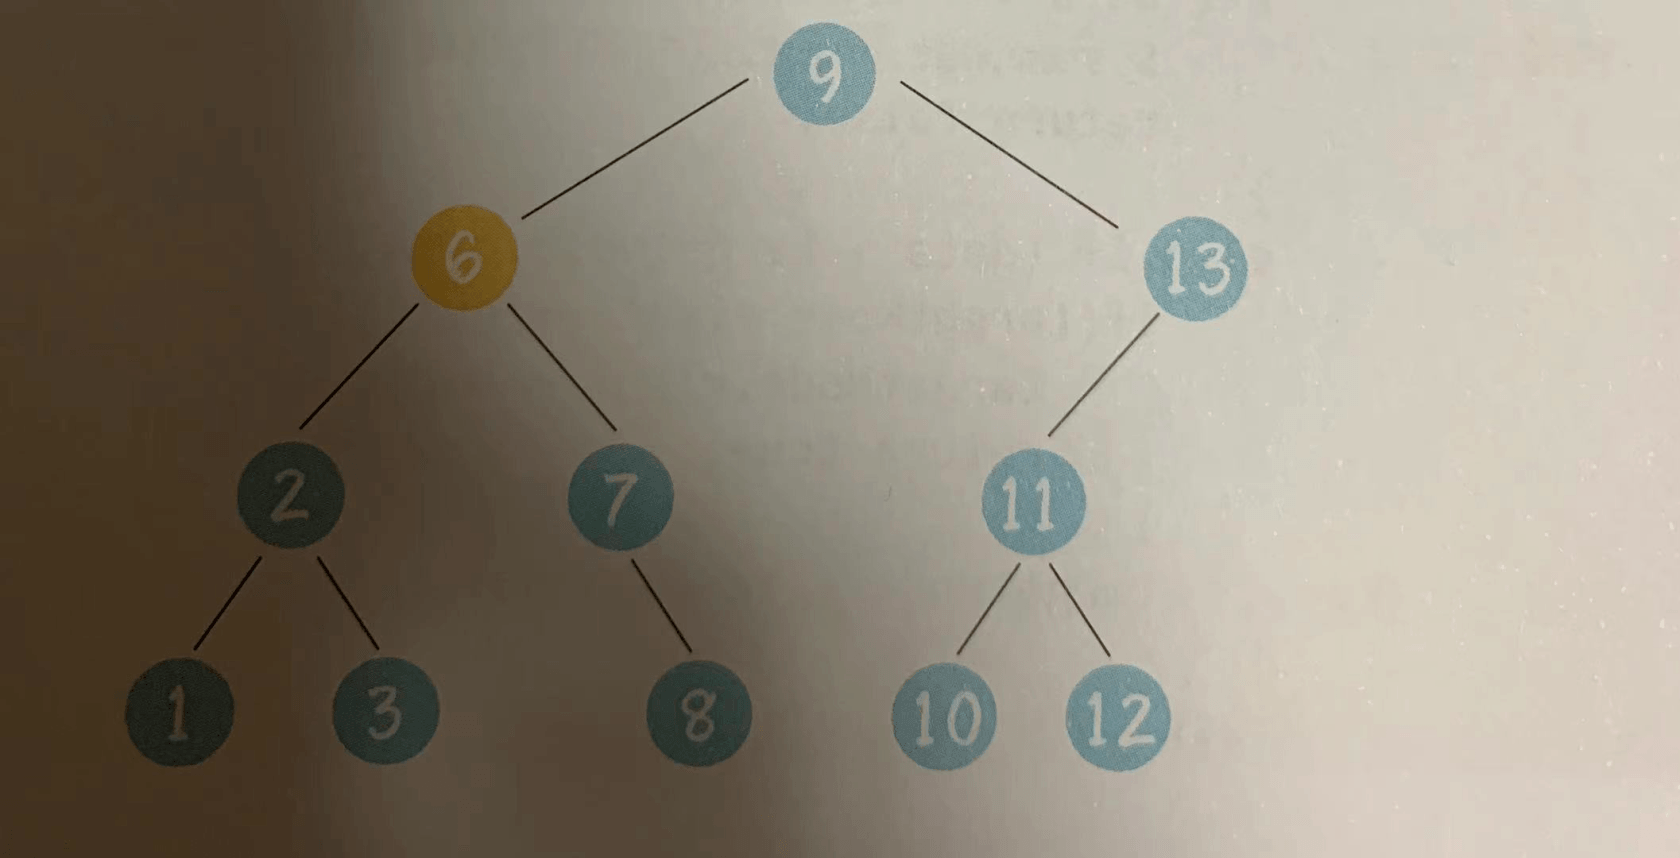 深入理解資料結構--二叉樹(進階篇1)